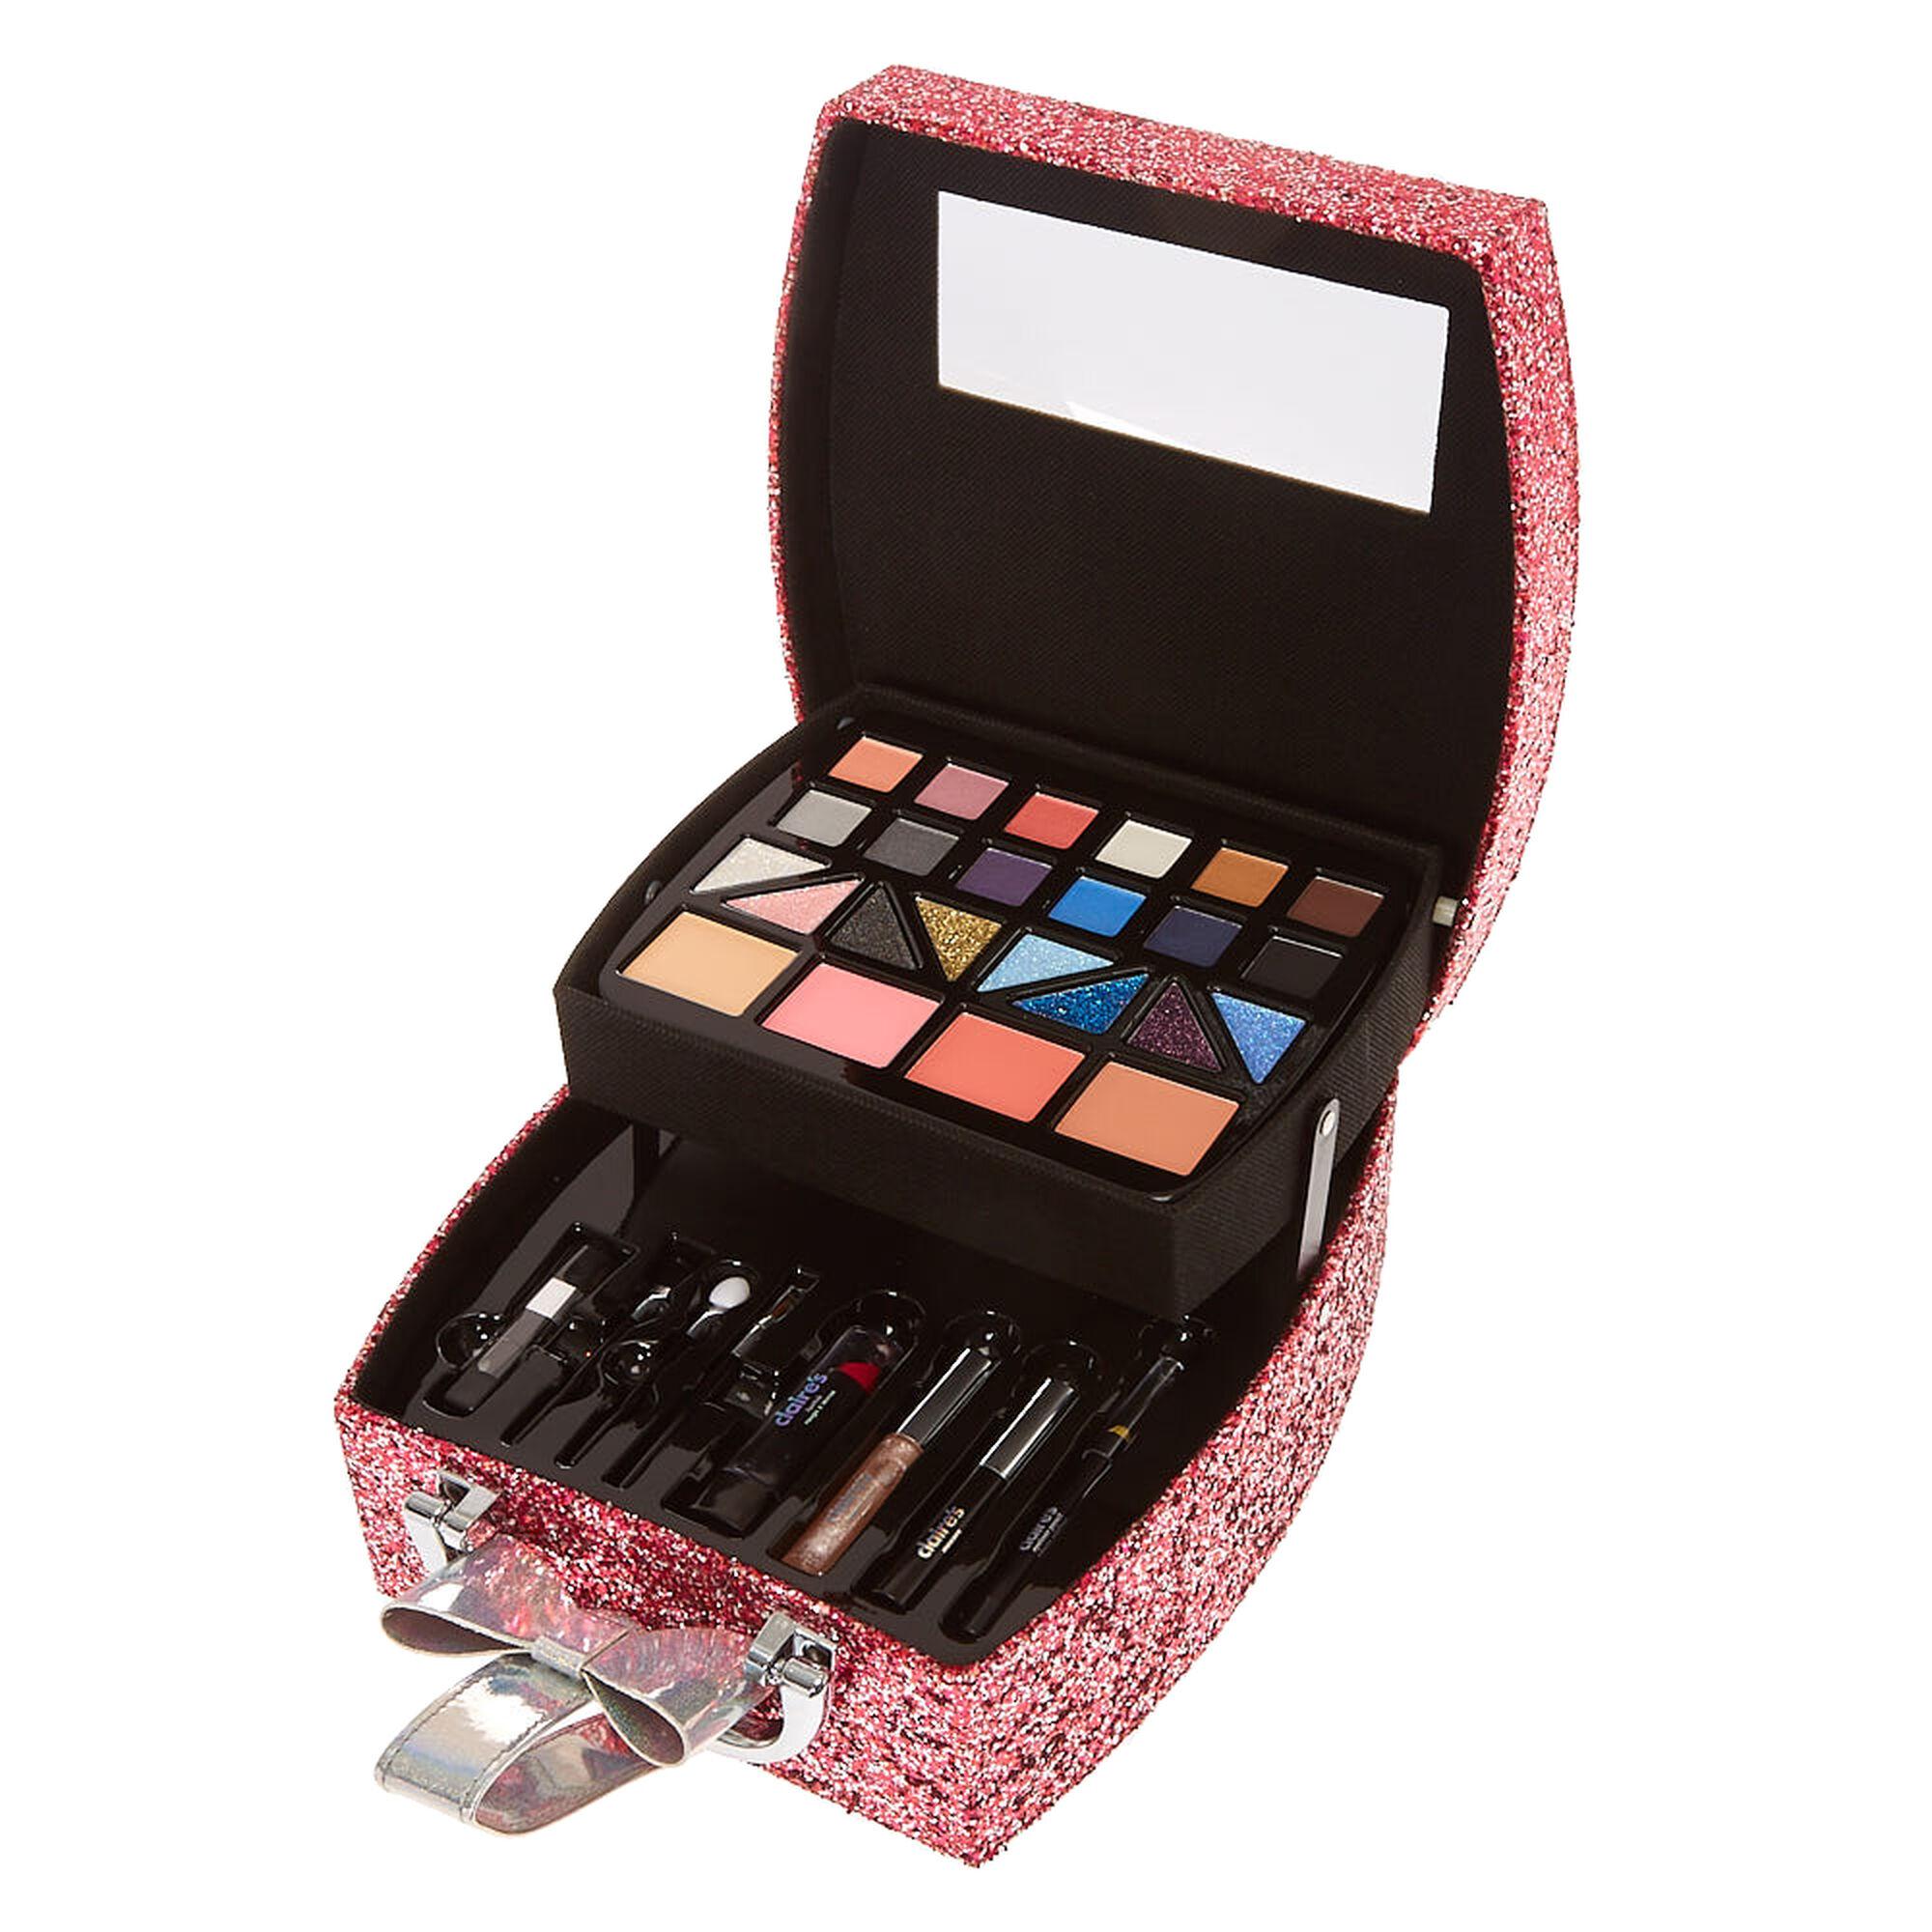 Makeup sets for